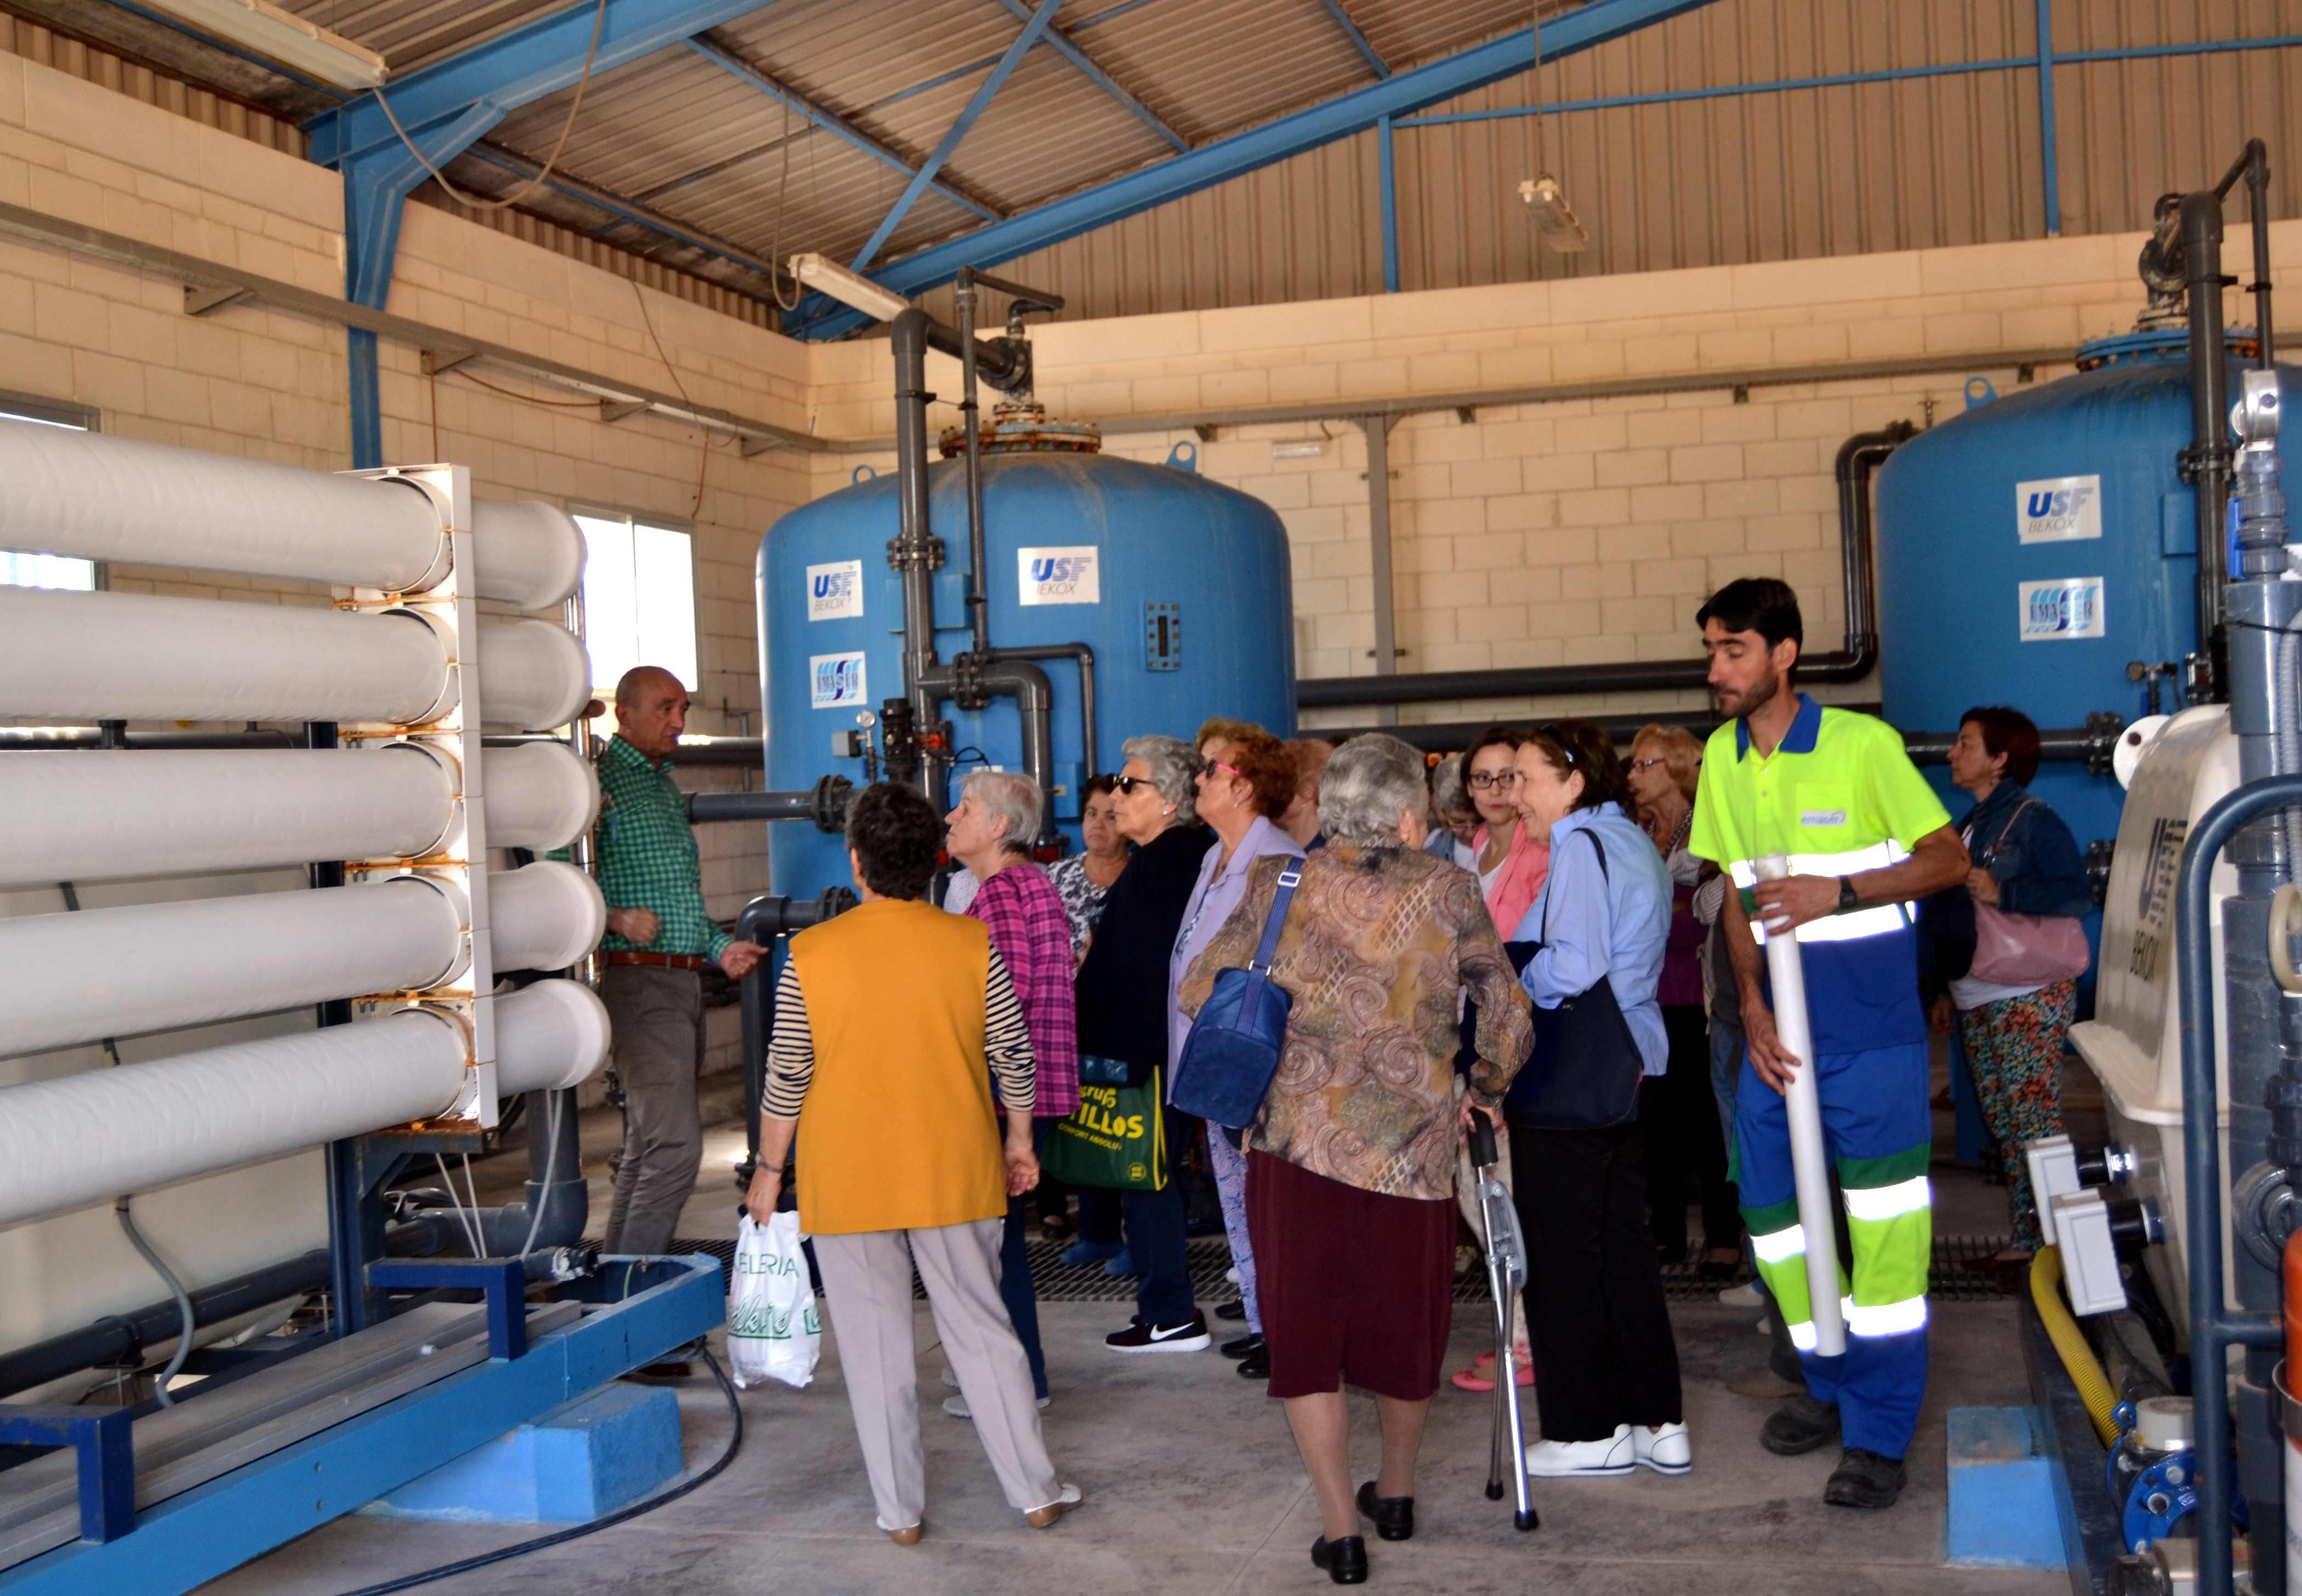 emaser visita etap - Visita a instalaciones de tratamiento y depuración de ciclo integral de agua